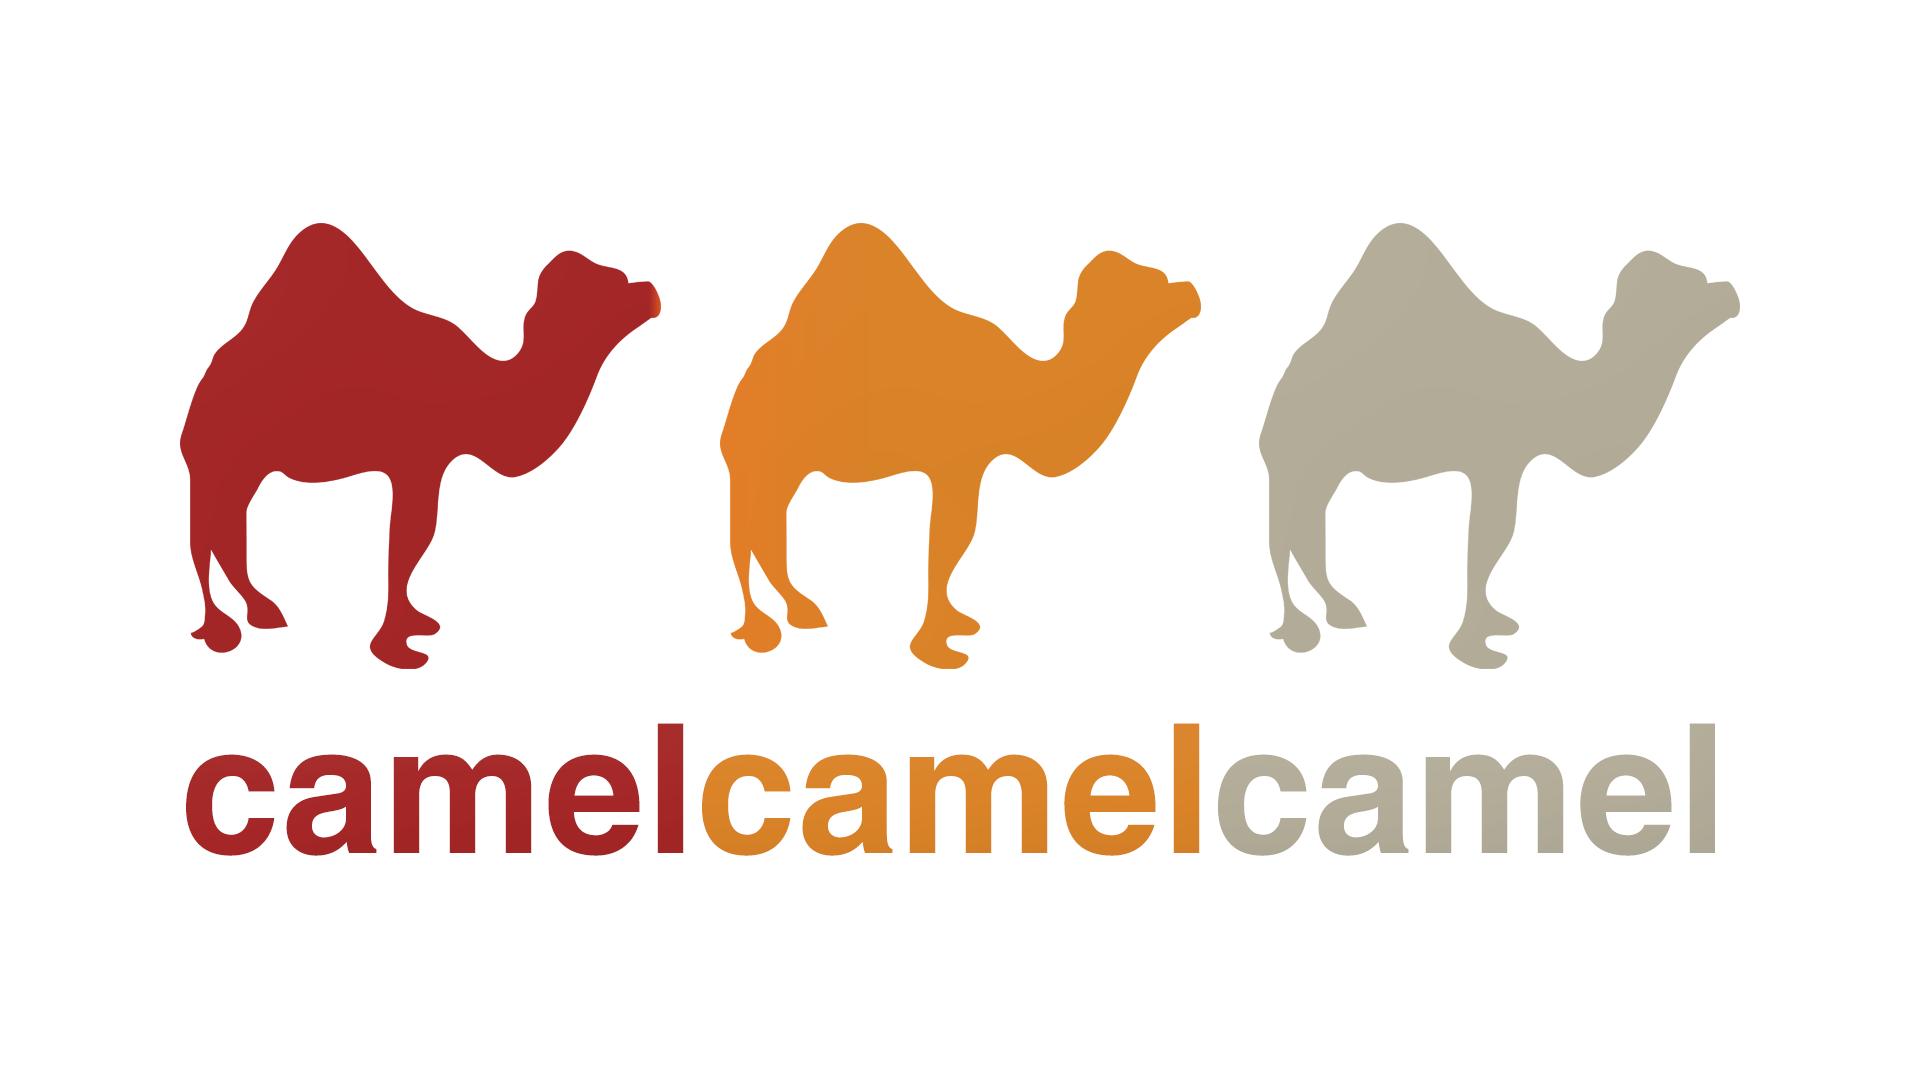 The camelcamelcamel logo.